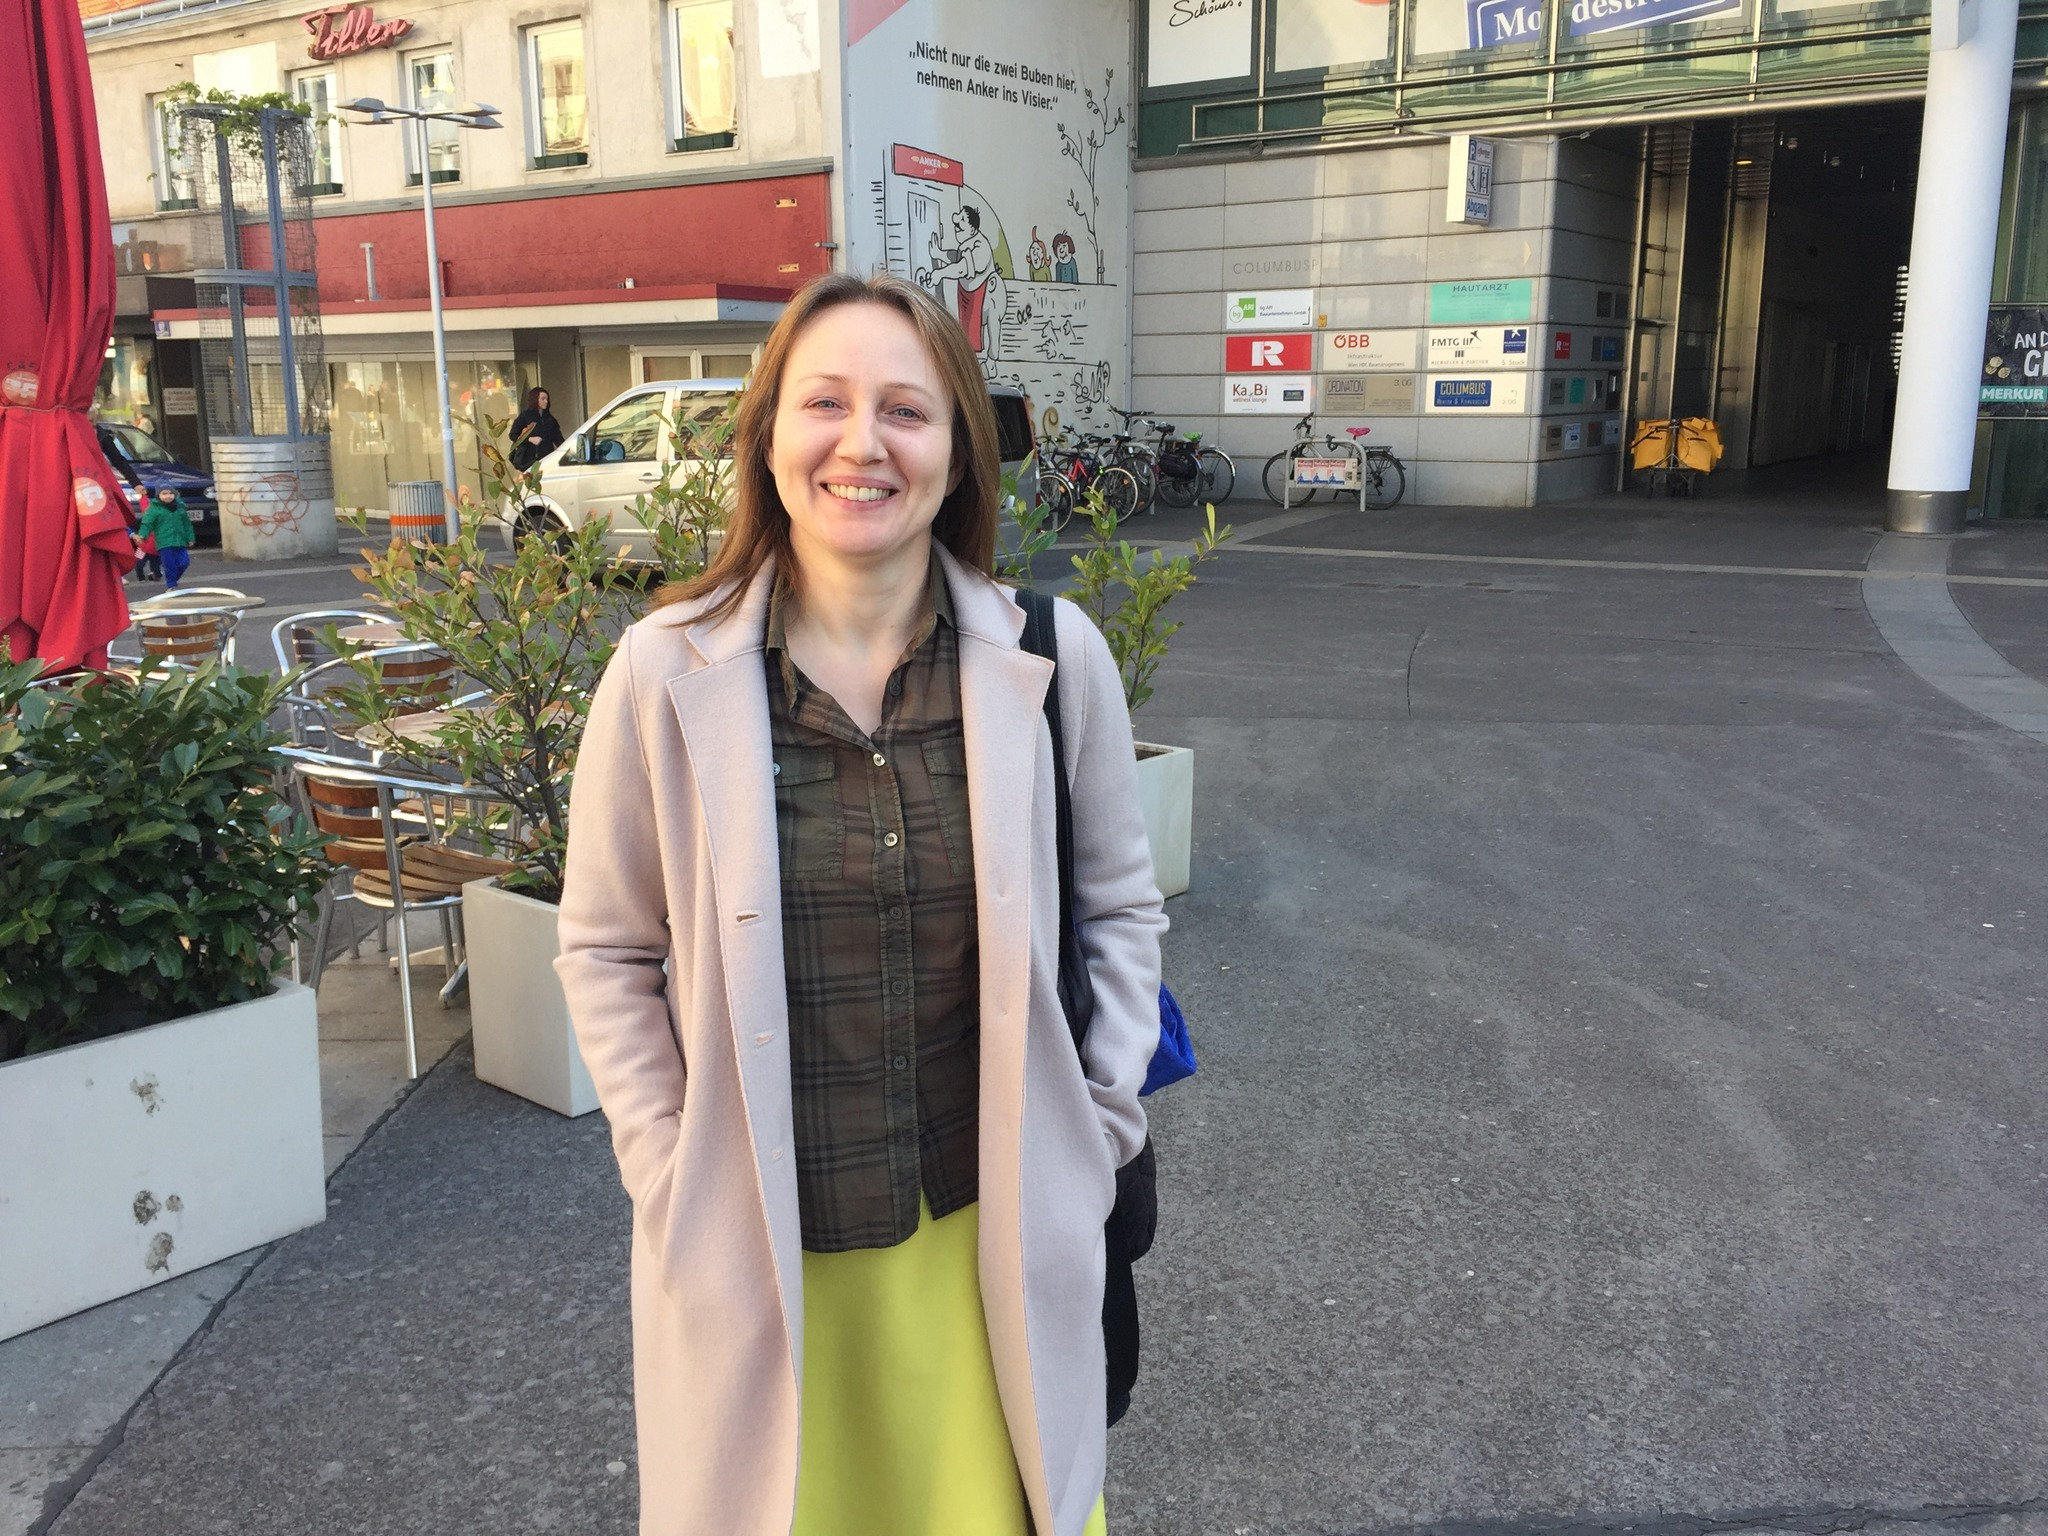 Frauen kennenlernen in Wien: 10 Tipps - standardized-testing.com